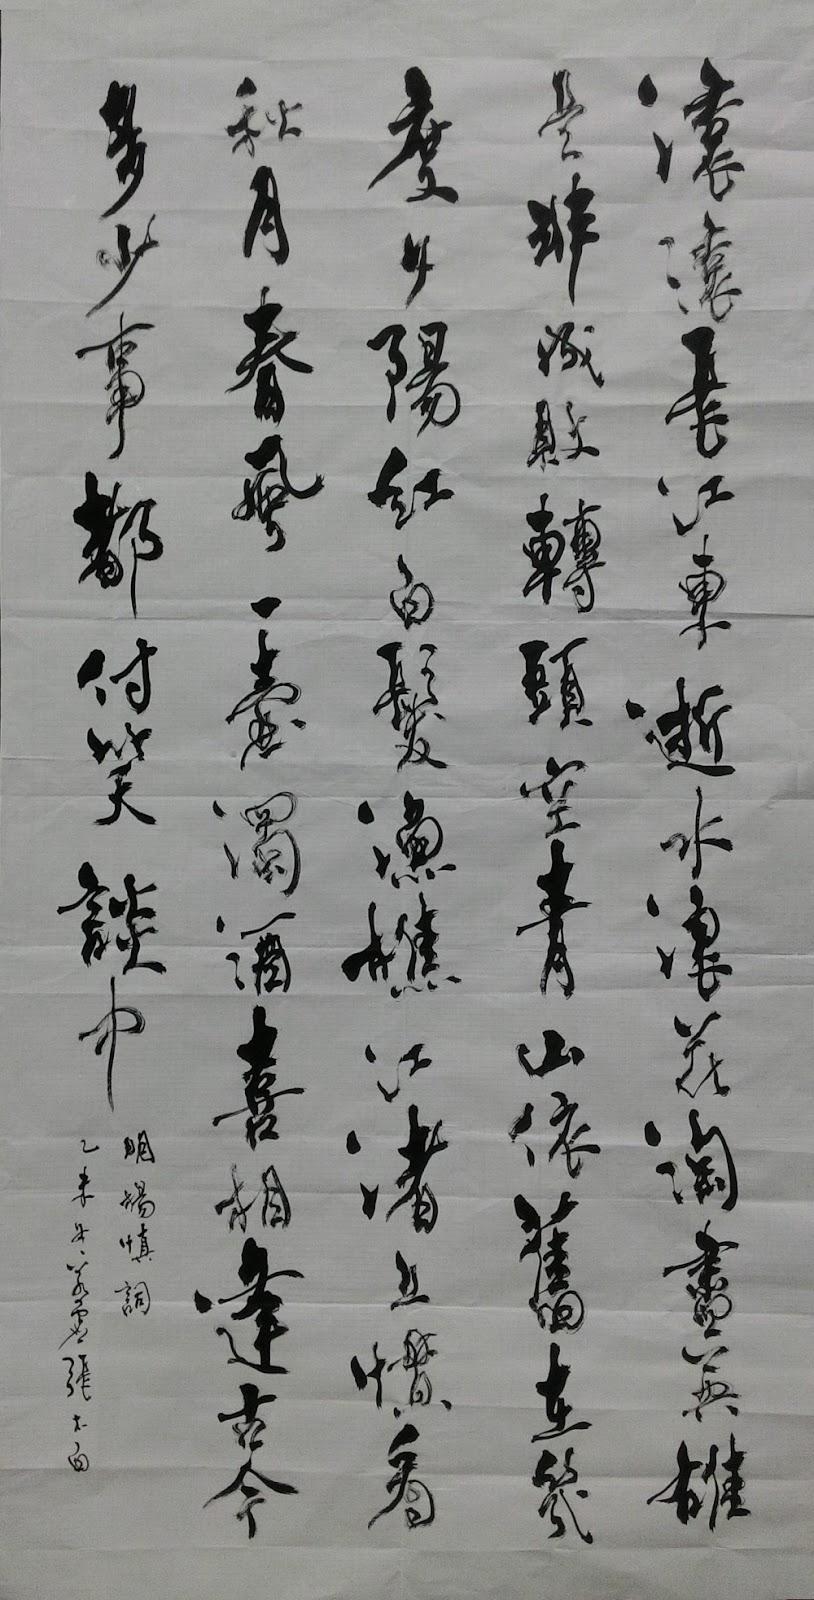 再舞黑白: 20151210太白老師行書示範-楊慎-臨江仙